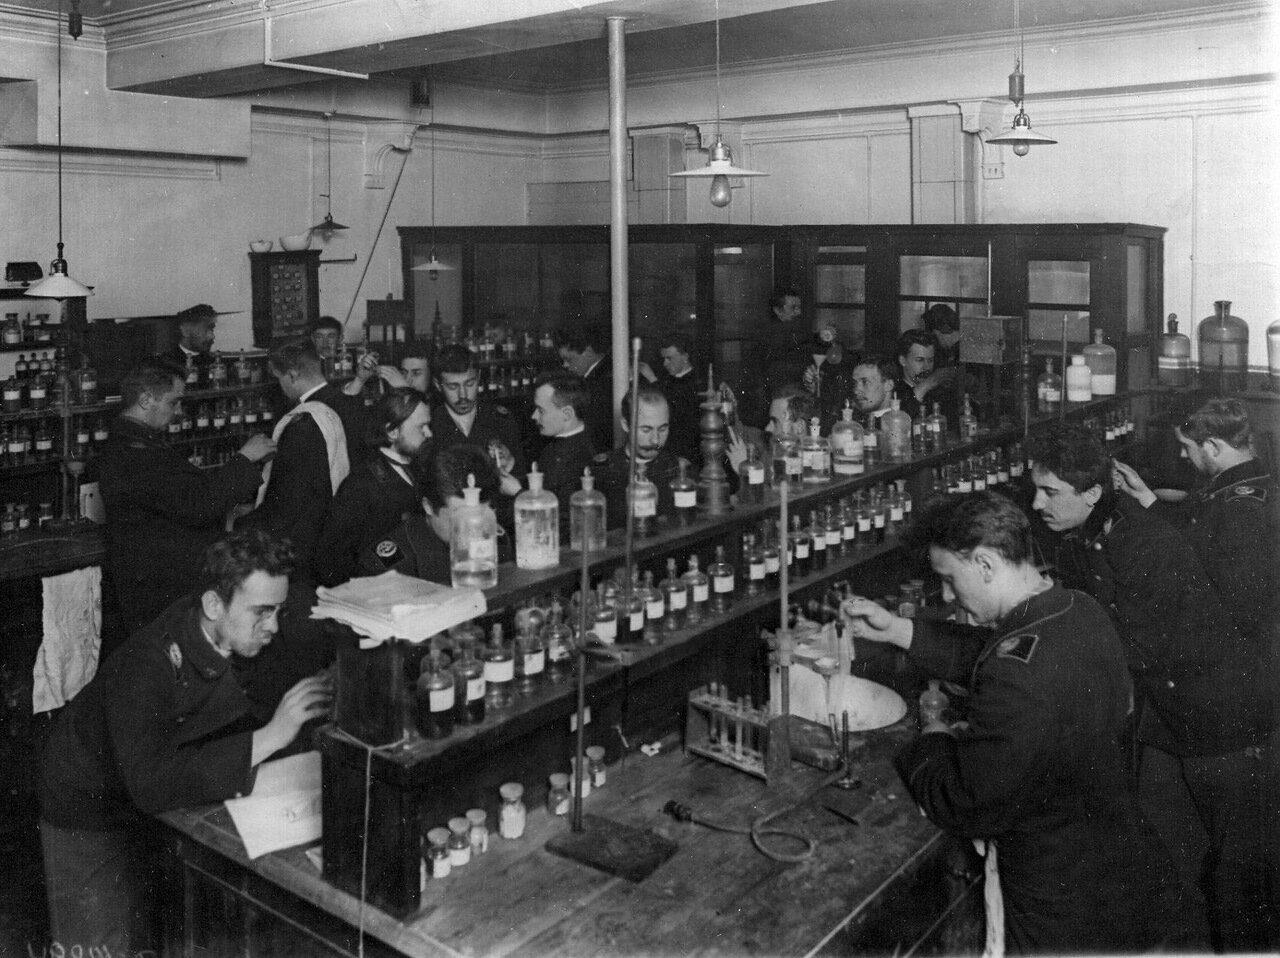 12. Группа студентов на занятиях в химической лаборатории